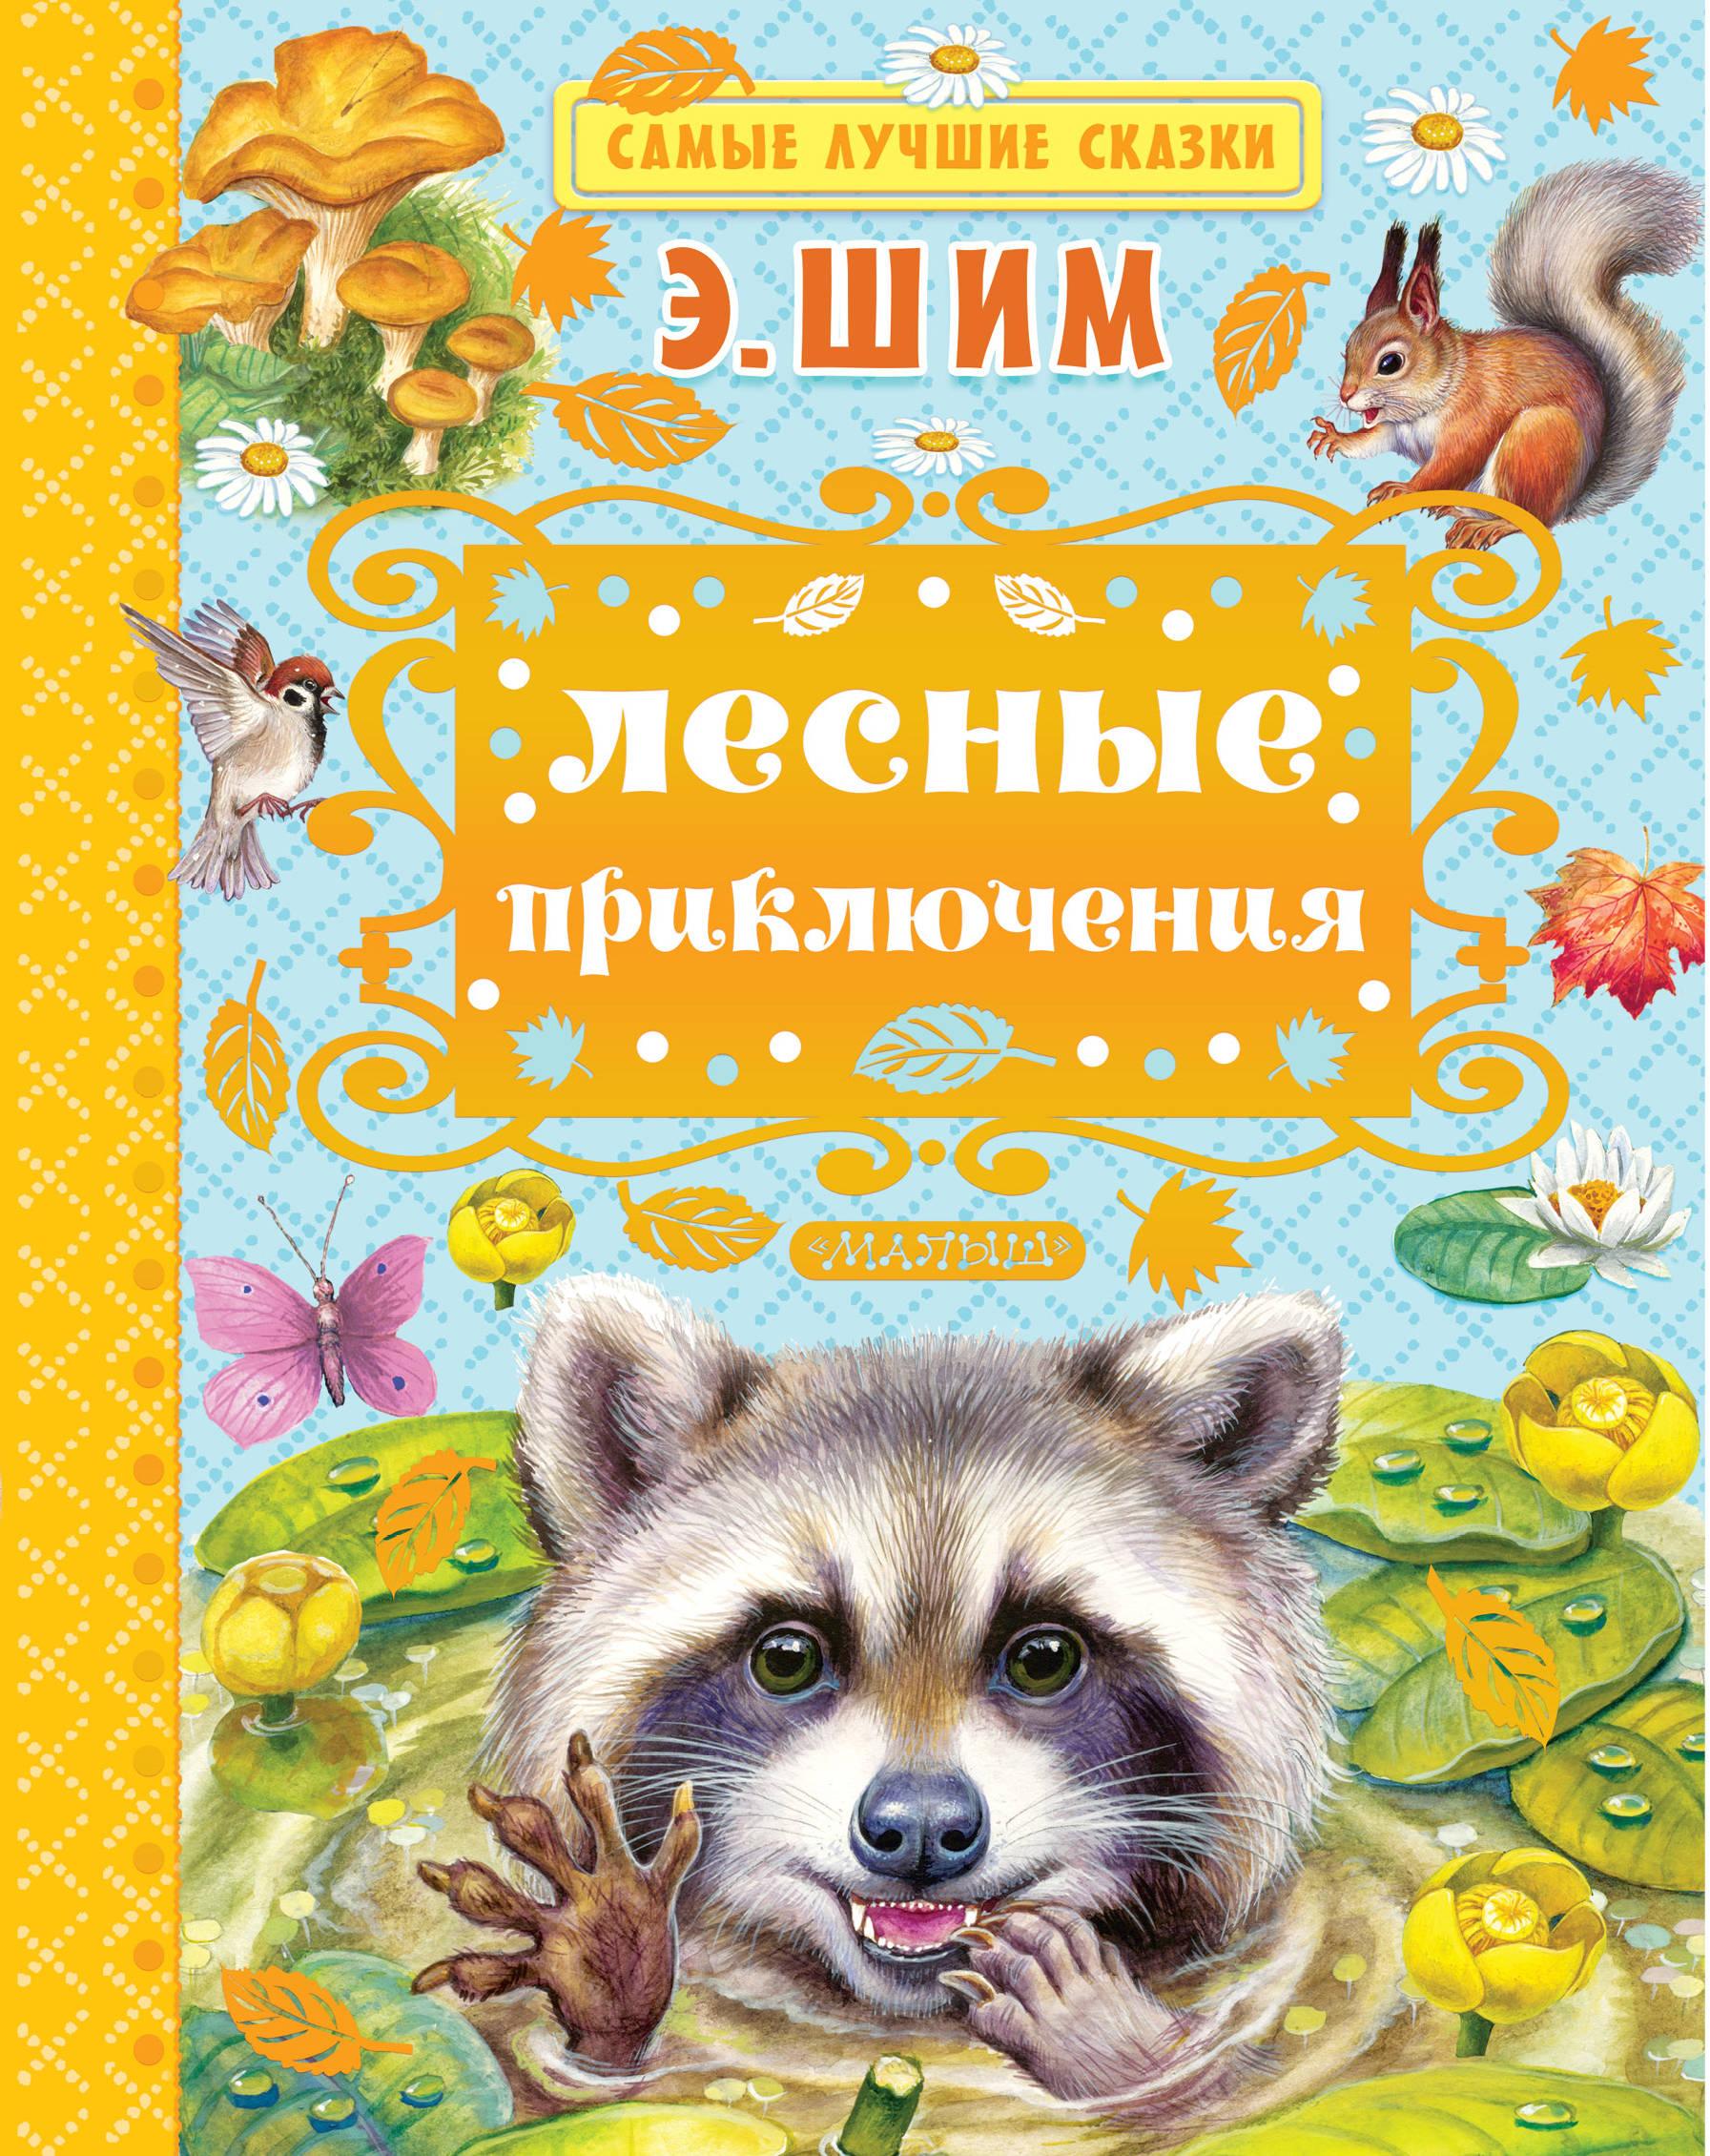 Шим Э. Ю. Лесные приключения